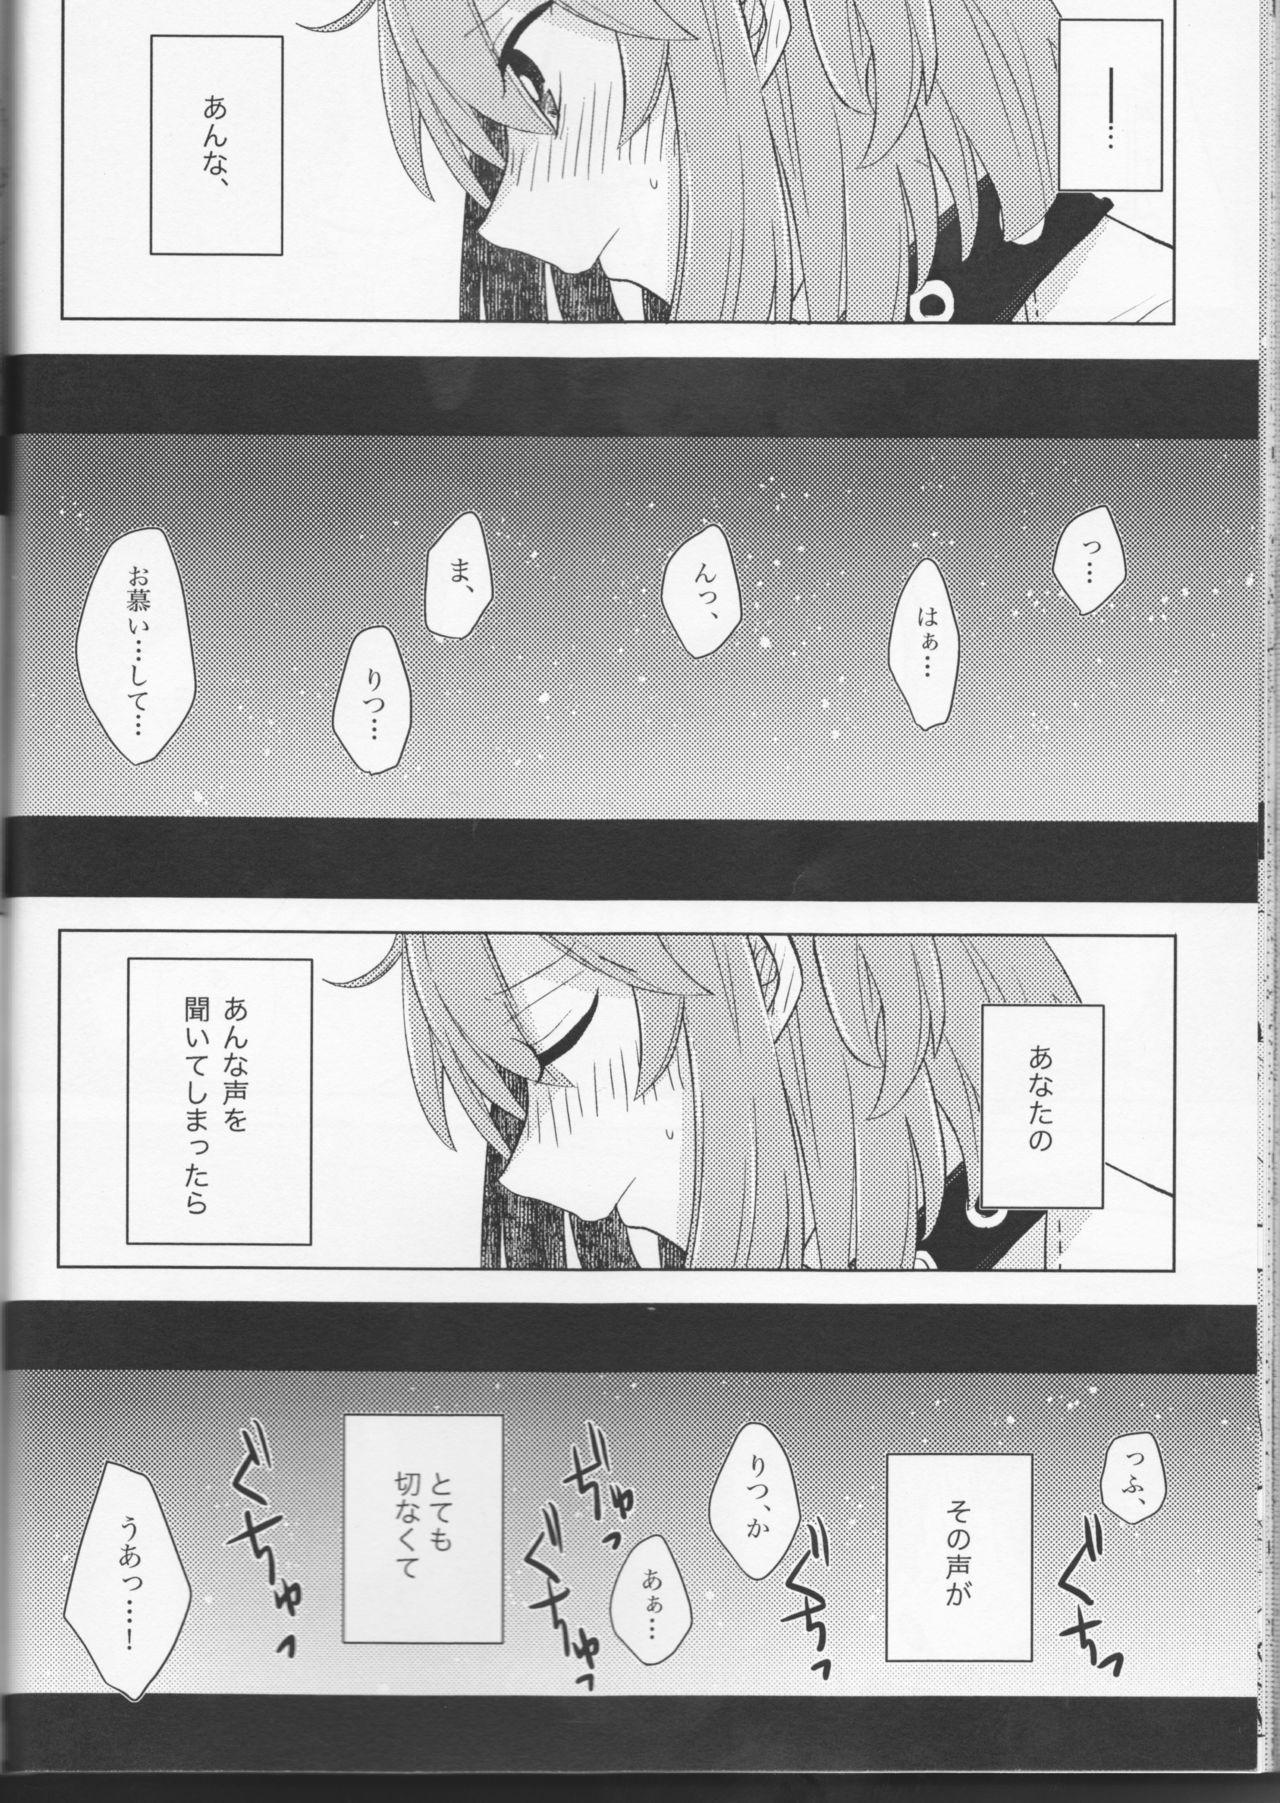 Kirakira Koboreru, Kimi to no Waidan 31